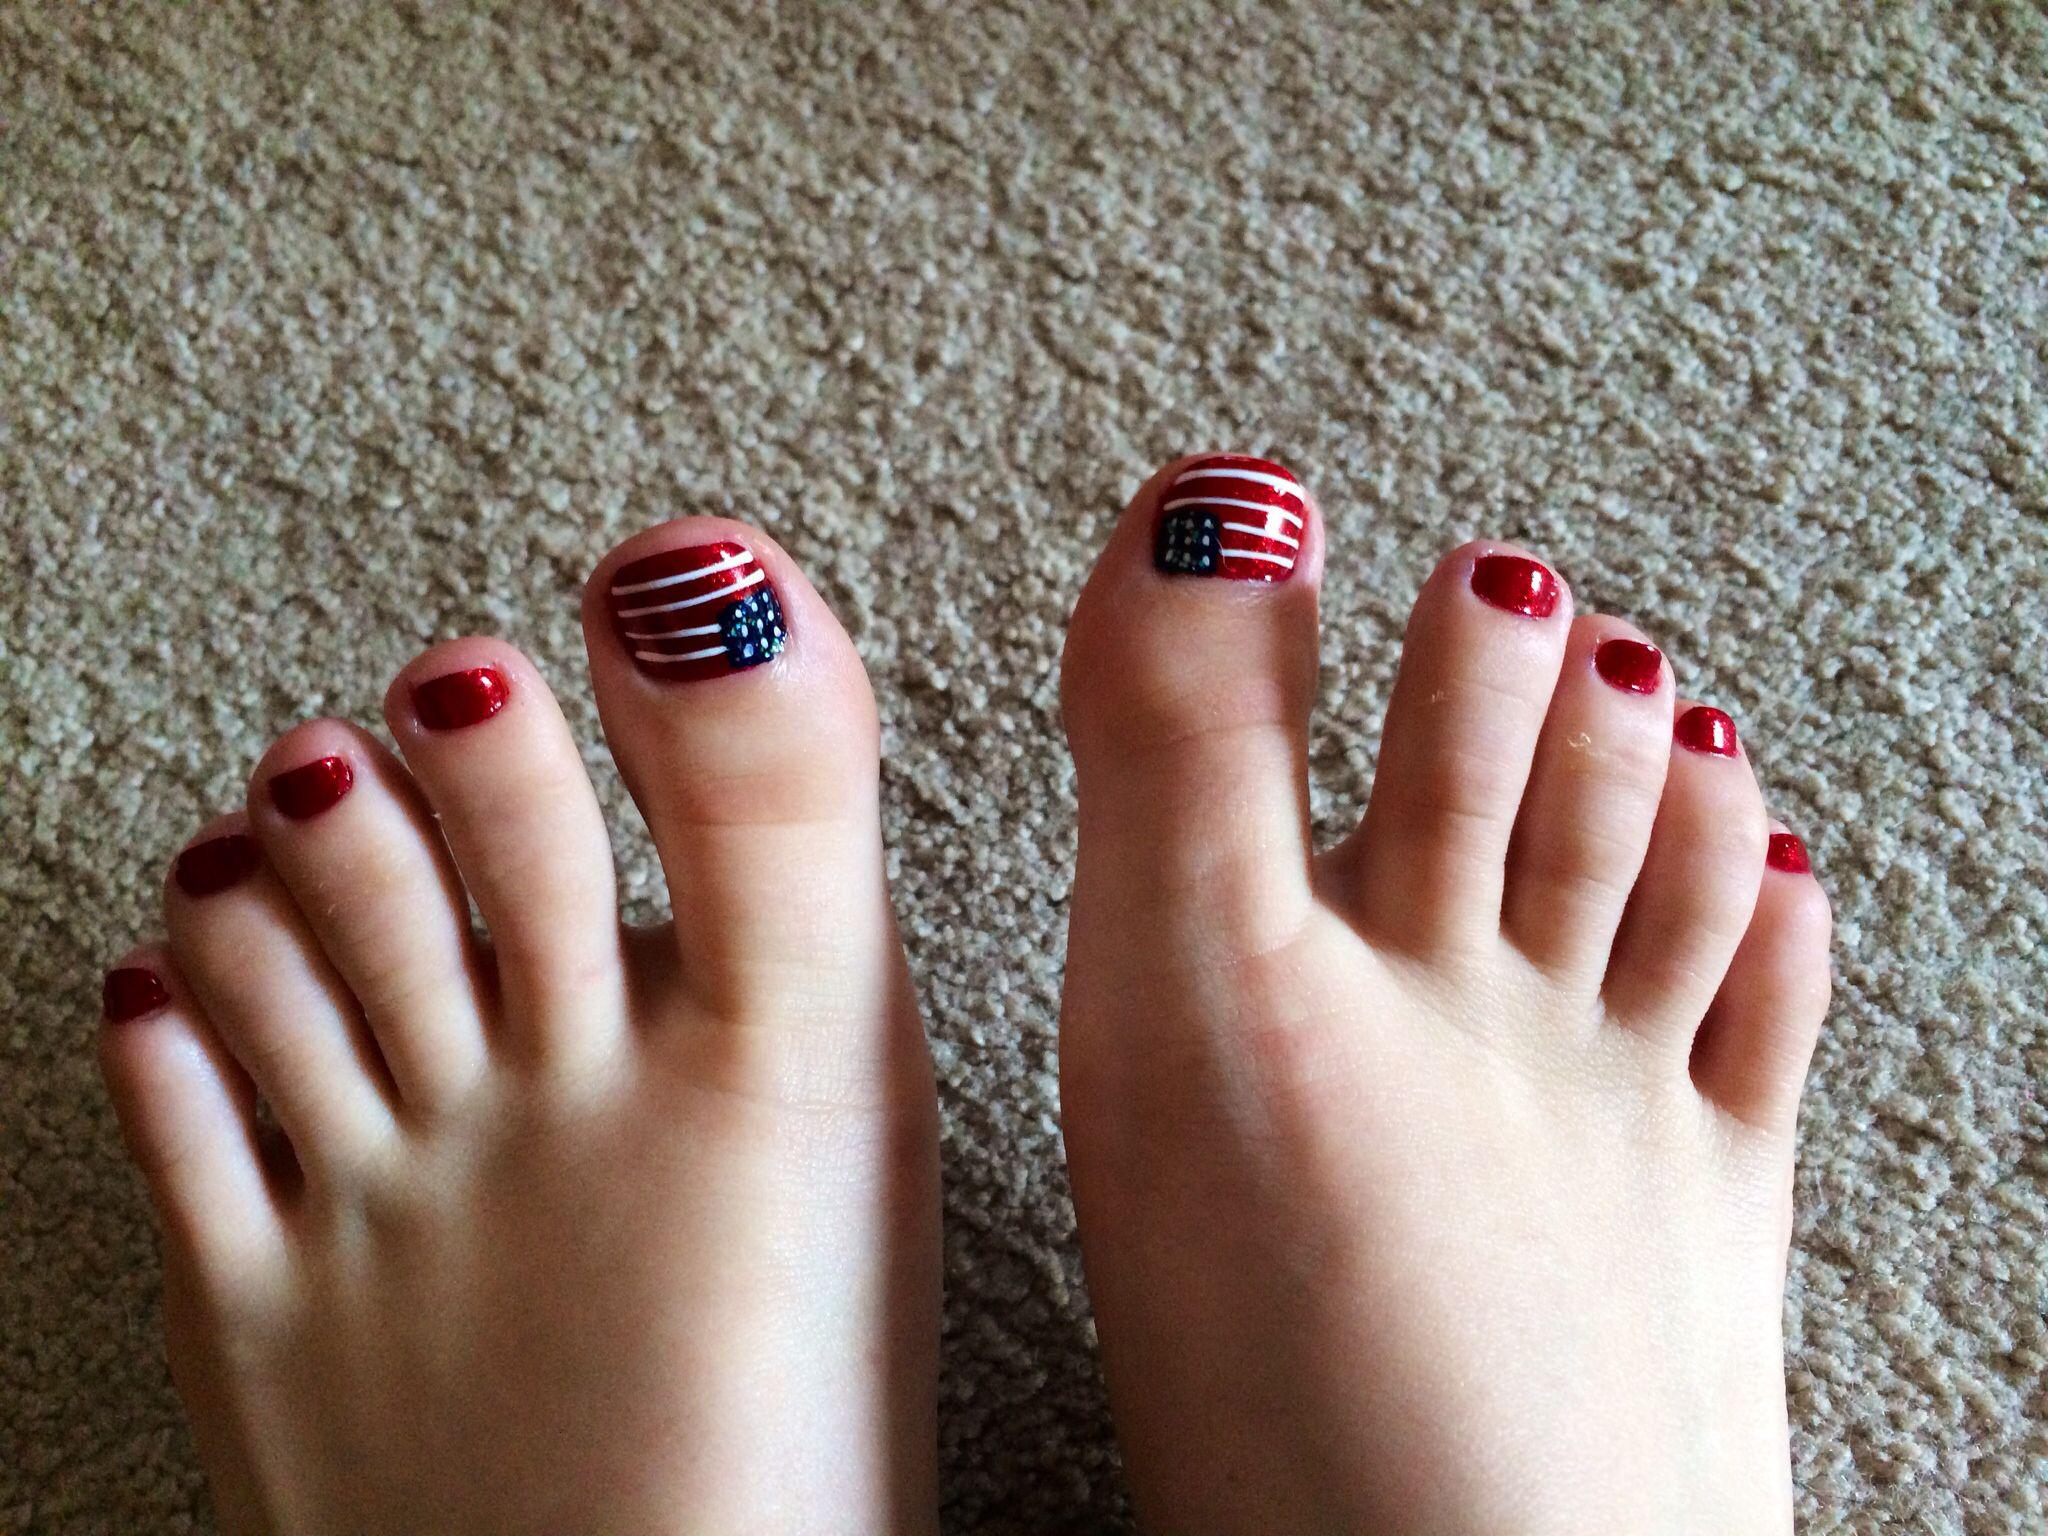 American Flag Toe Nails 4th Of July Nails Nail Designs July Nails